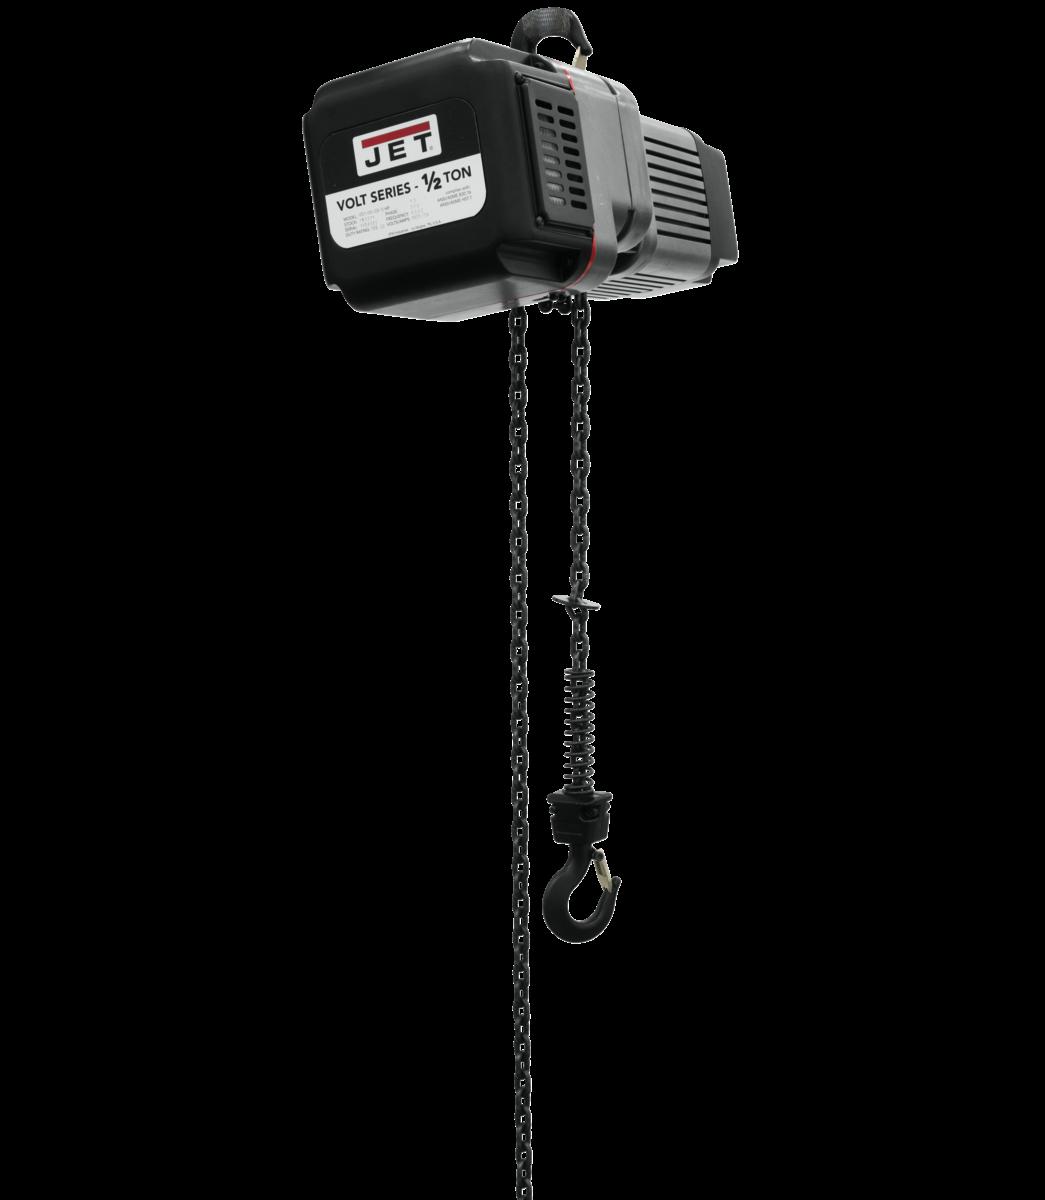 VOLT 1/2T VARIABLE-SPEED ELECTRIC HOIST 1PH/3PH 230V 15' LIFT